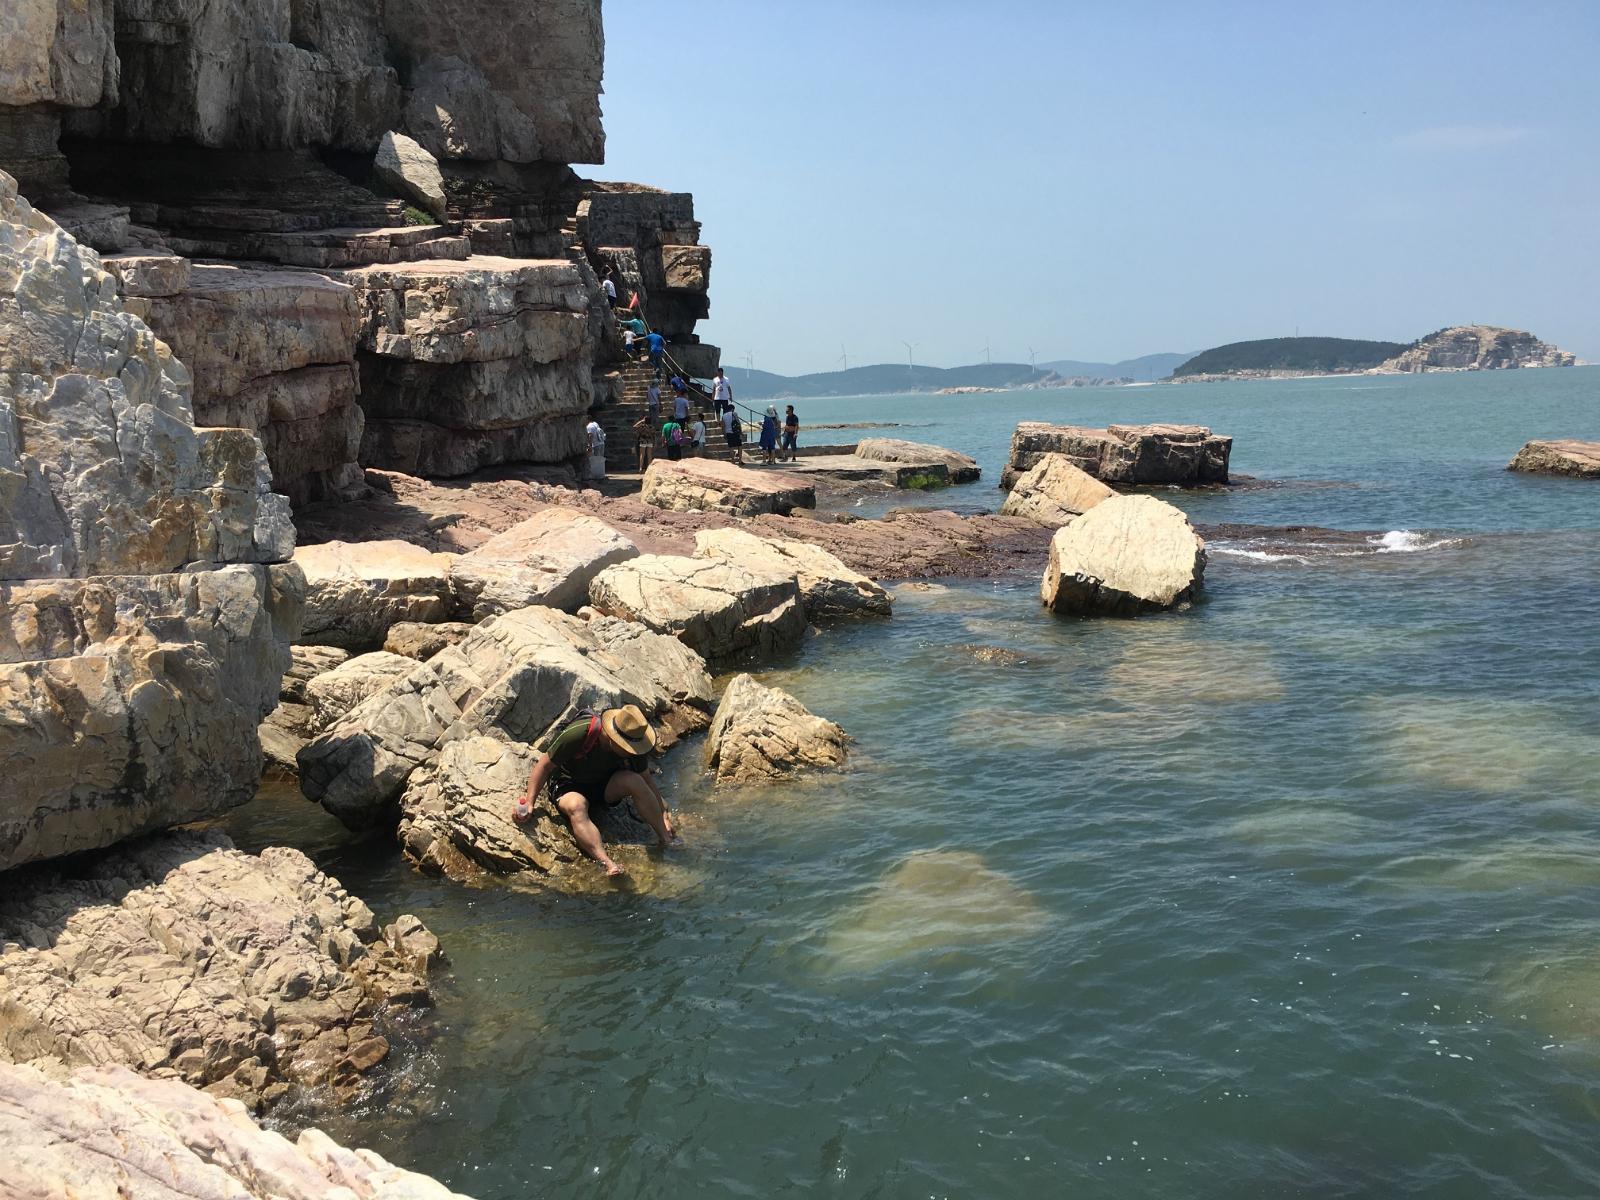 九丈崖是长岛最经典的北线旅游路线其中的一个景点,也是个人觉得长岛